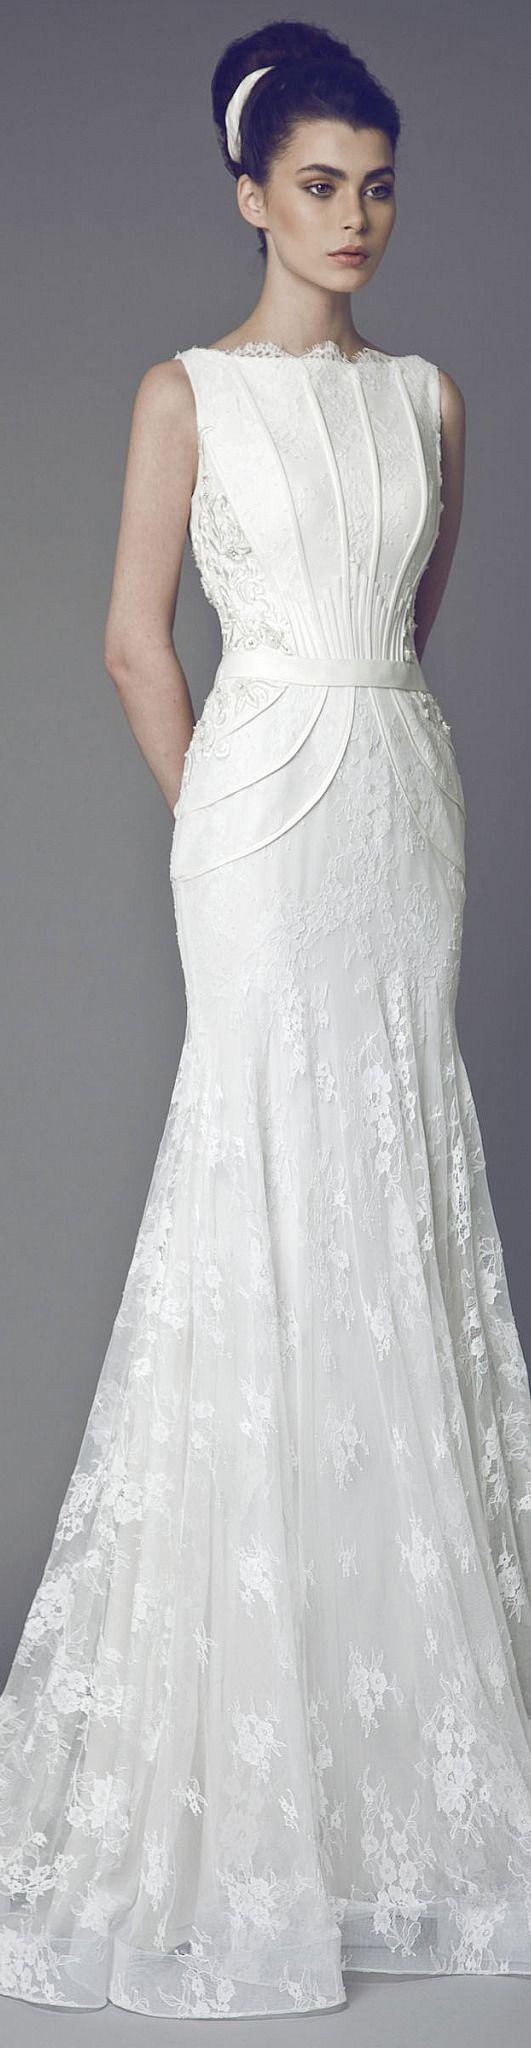 Eleganta si seriozitate emanate de o rochie de mireasa superba. #nuntasieveniment, #rochiemireasa, #fotografnunta